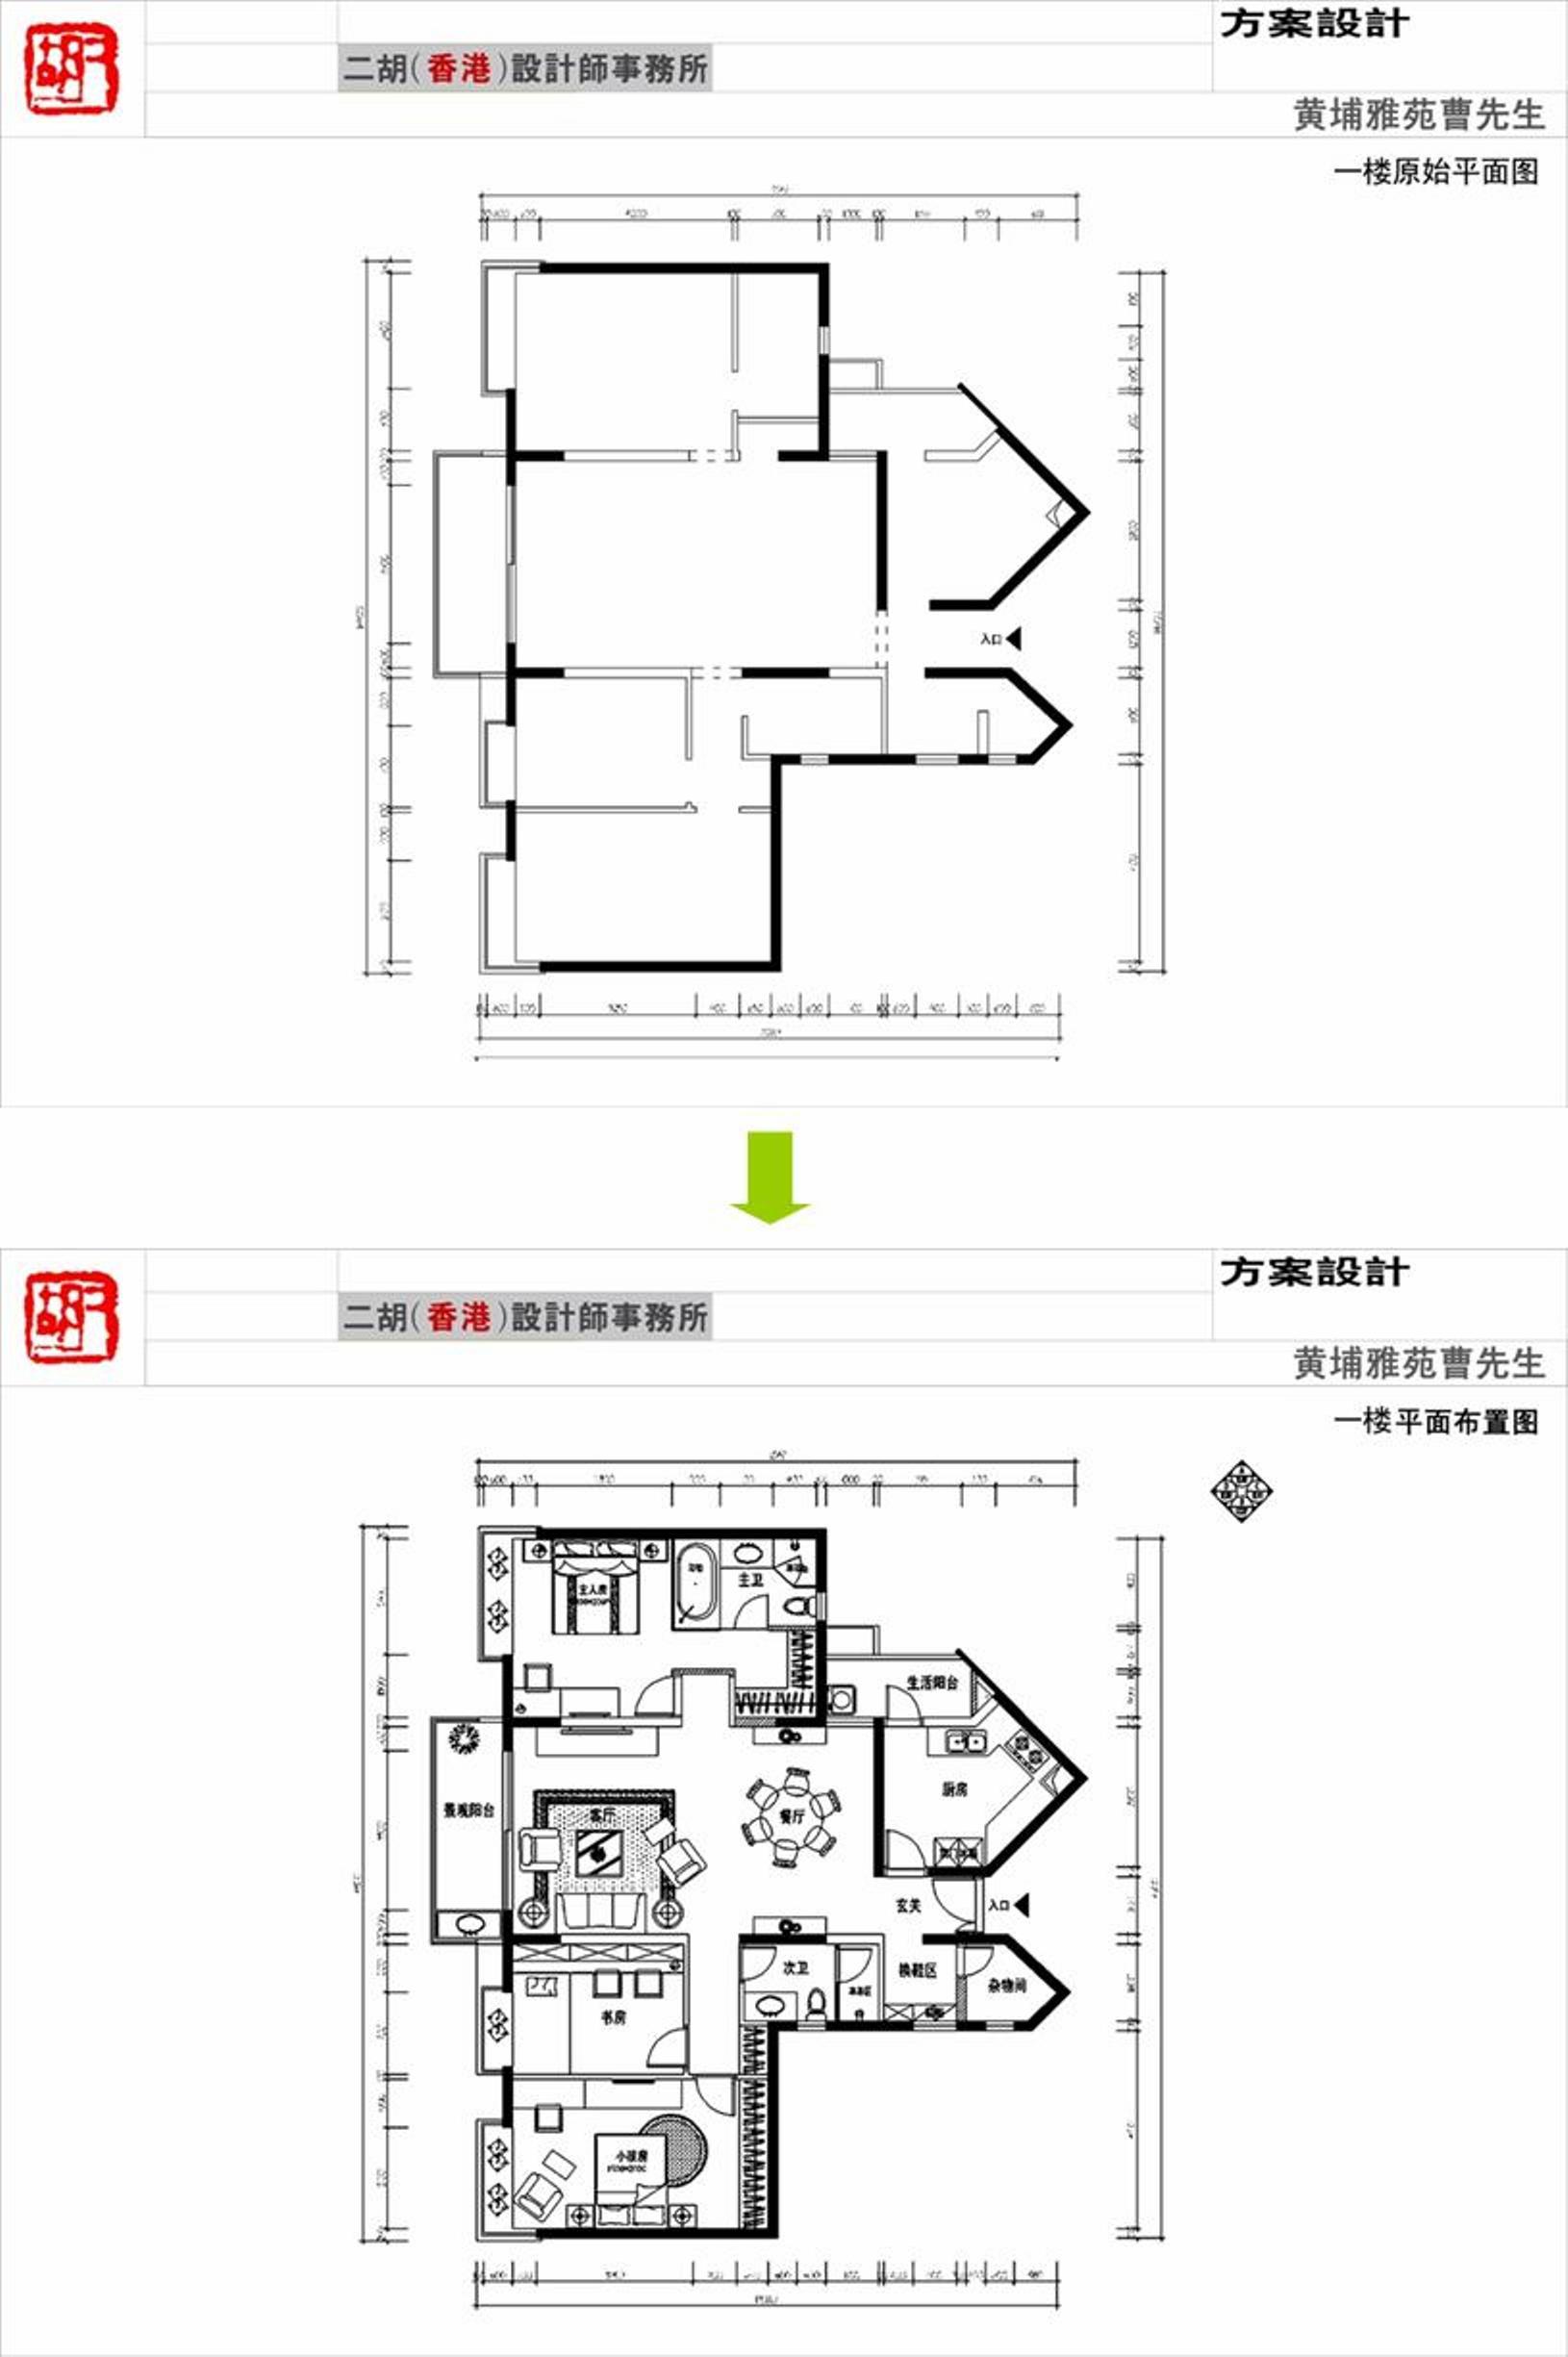 现在,这套房子的原始结构最大的问题就是:主卧的门对着客厅.